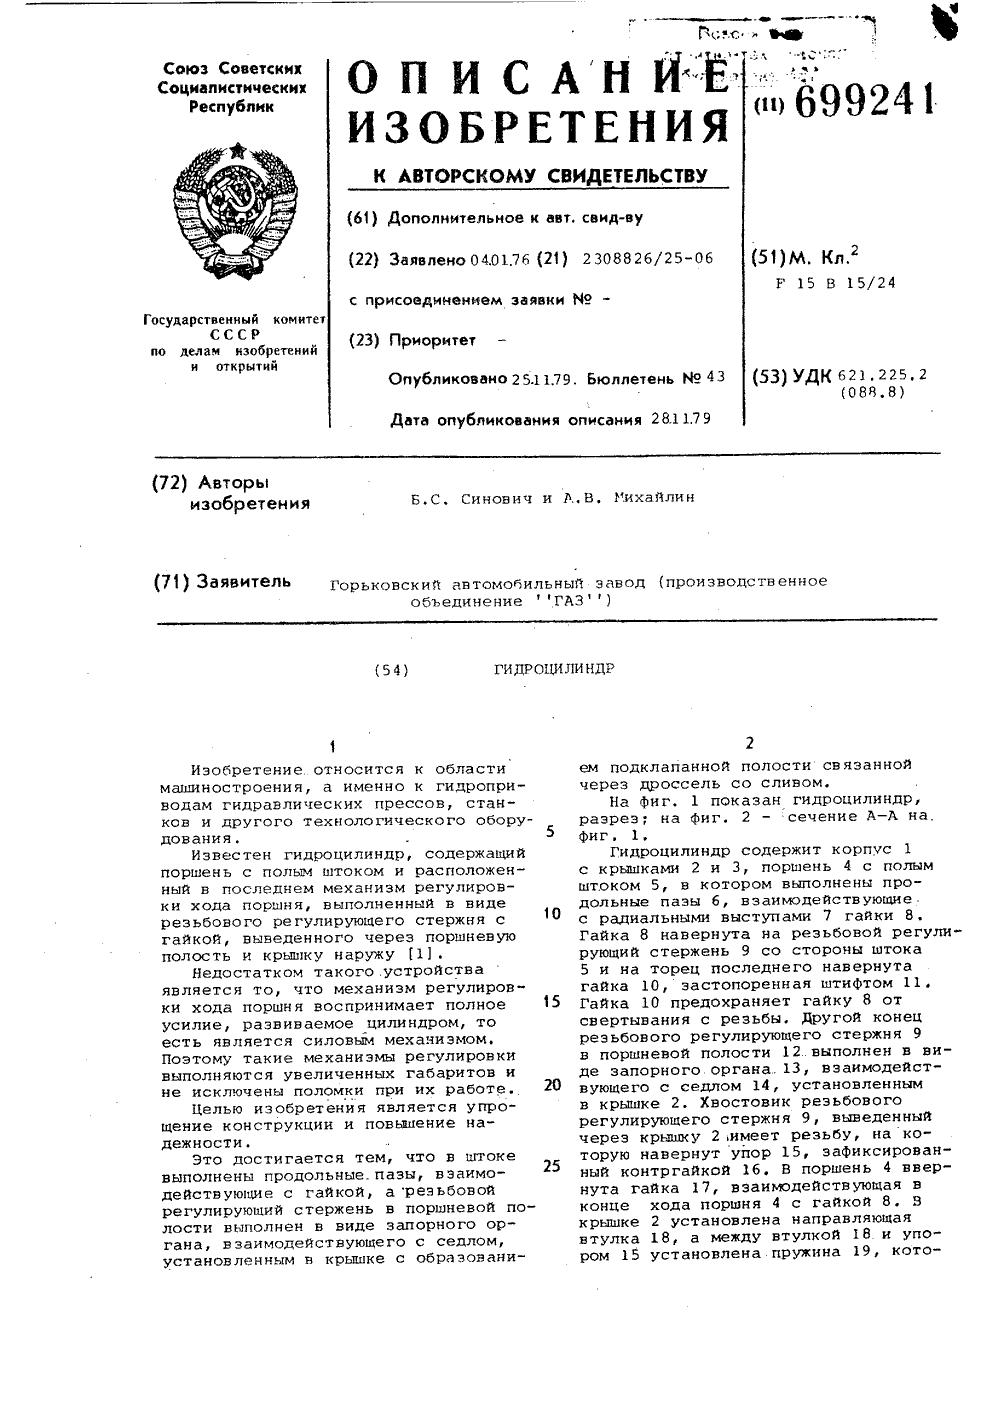 вс 22-01 схема работы гидроцилиндров